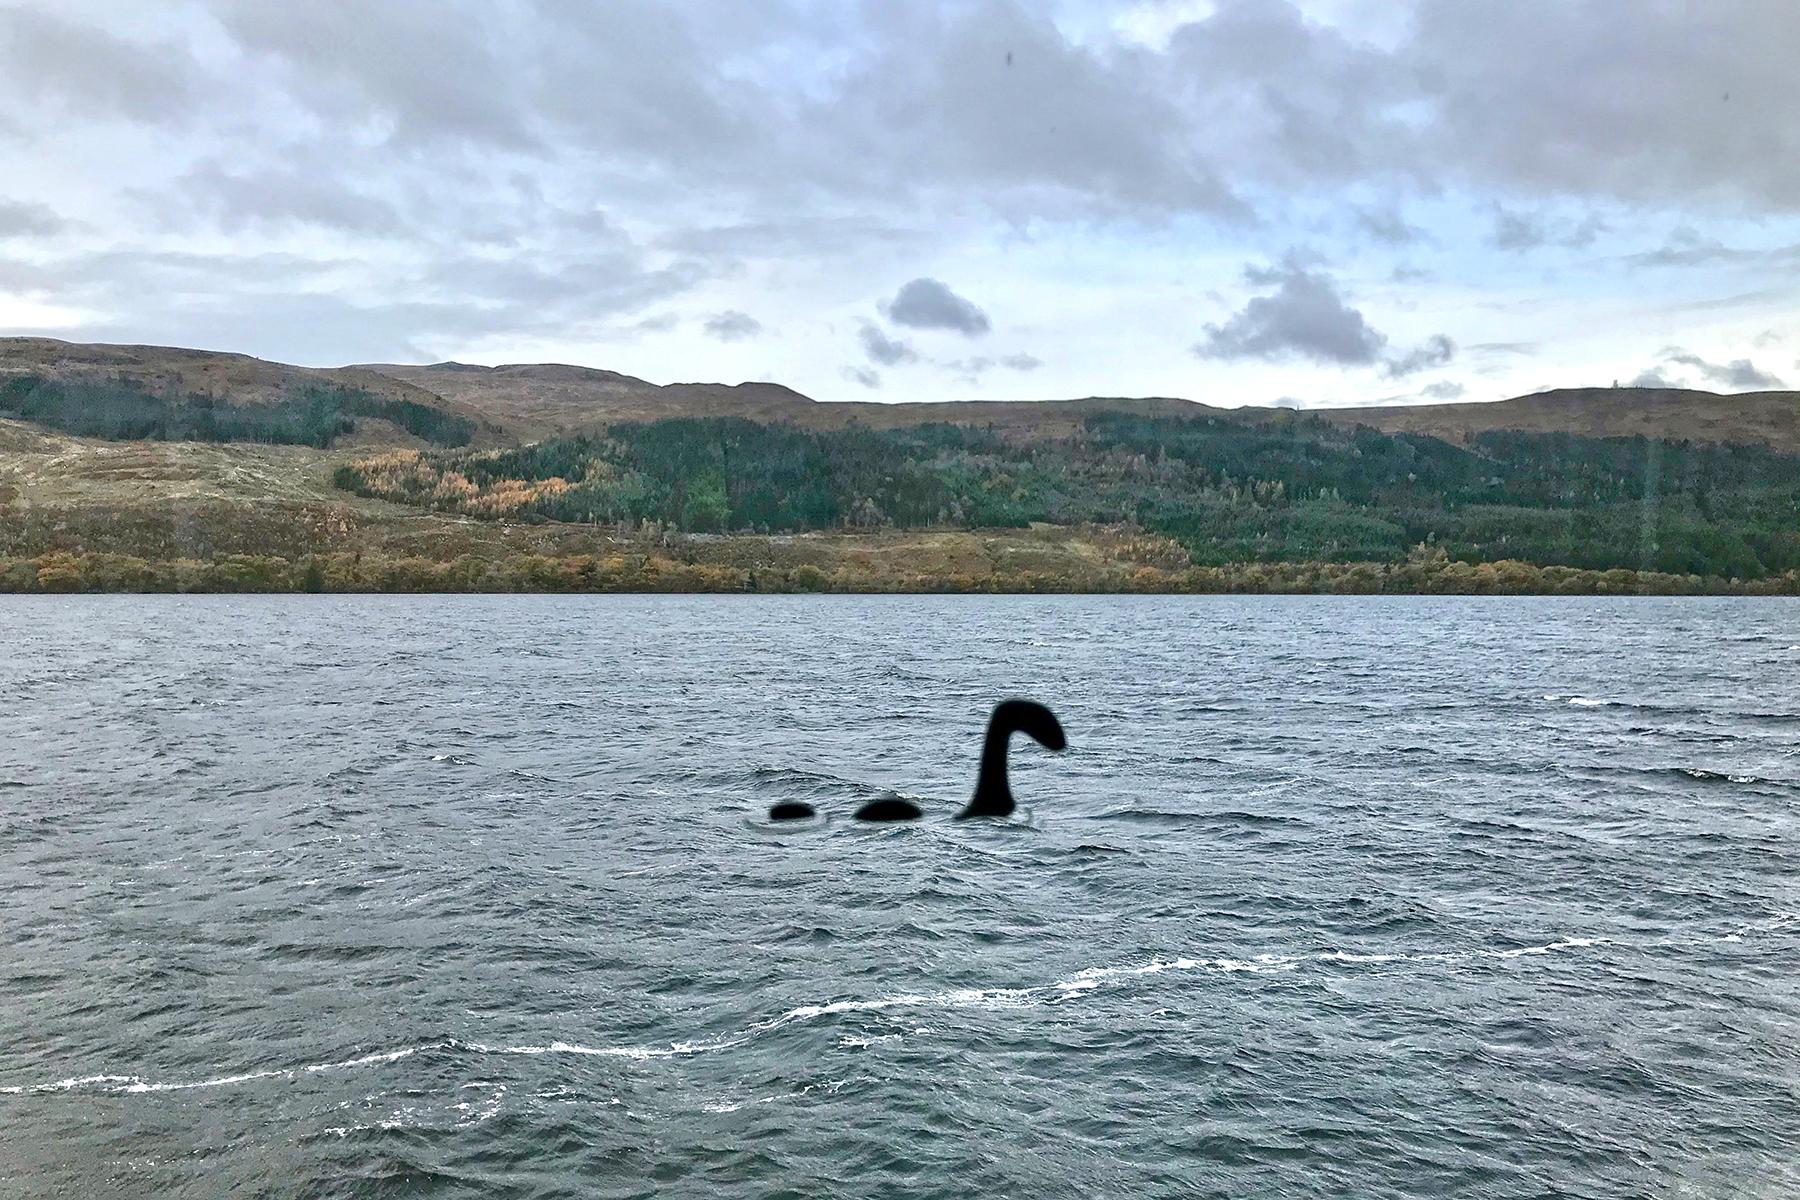 Die besten Stopps & Sehenswürdigkeiten rund um den Loch Ness